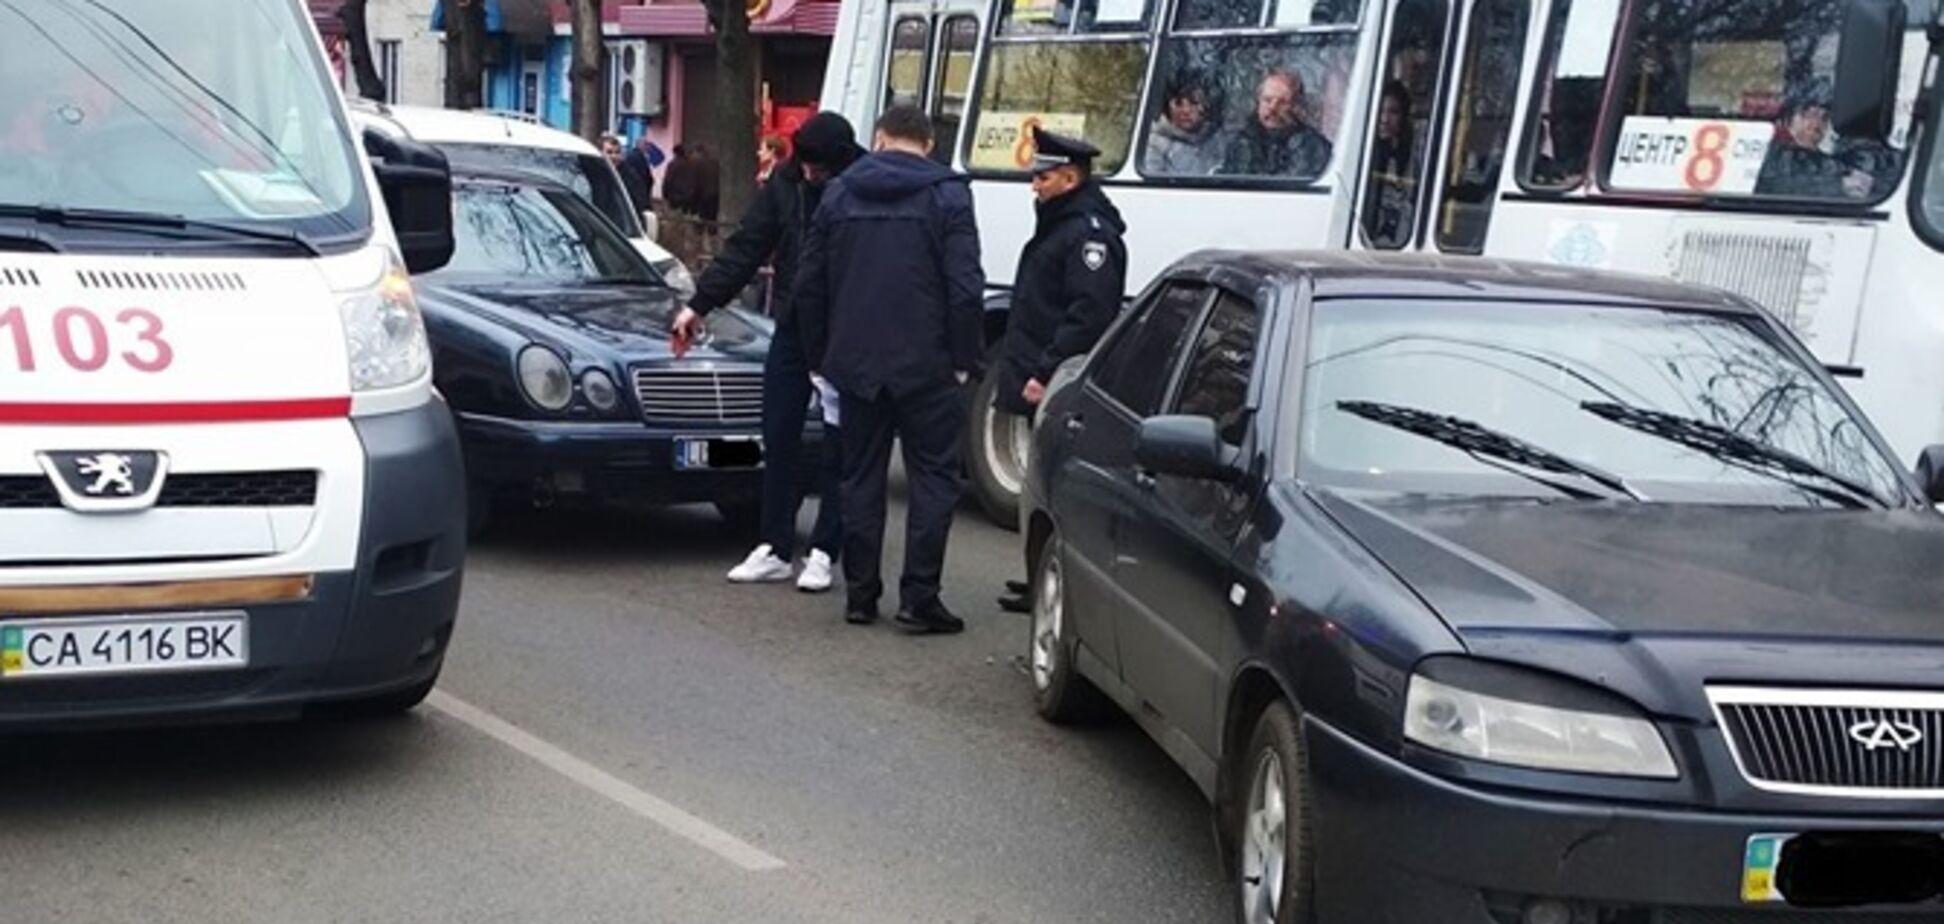 Влаштували самосуд: у Черкасах водій 'євробляхи' збив пішохода й намагався втекти. Фото